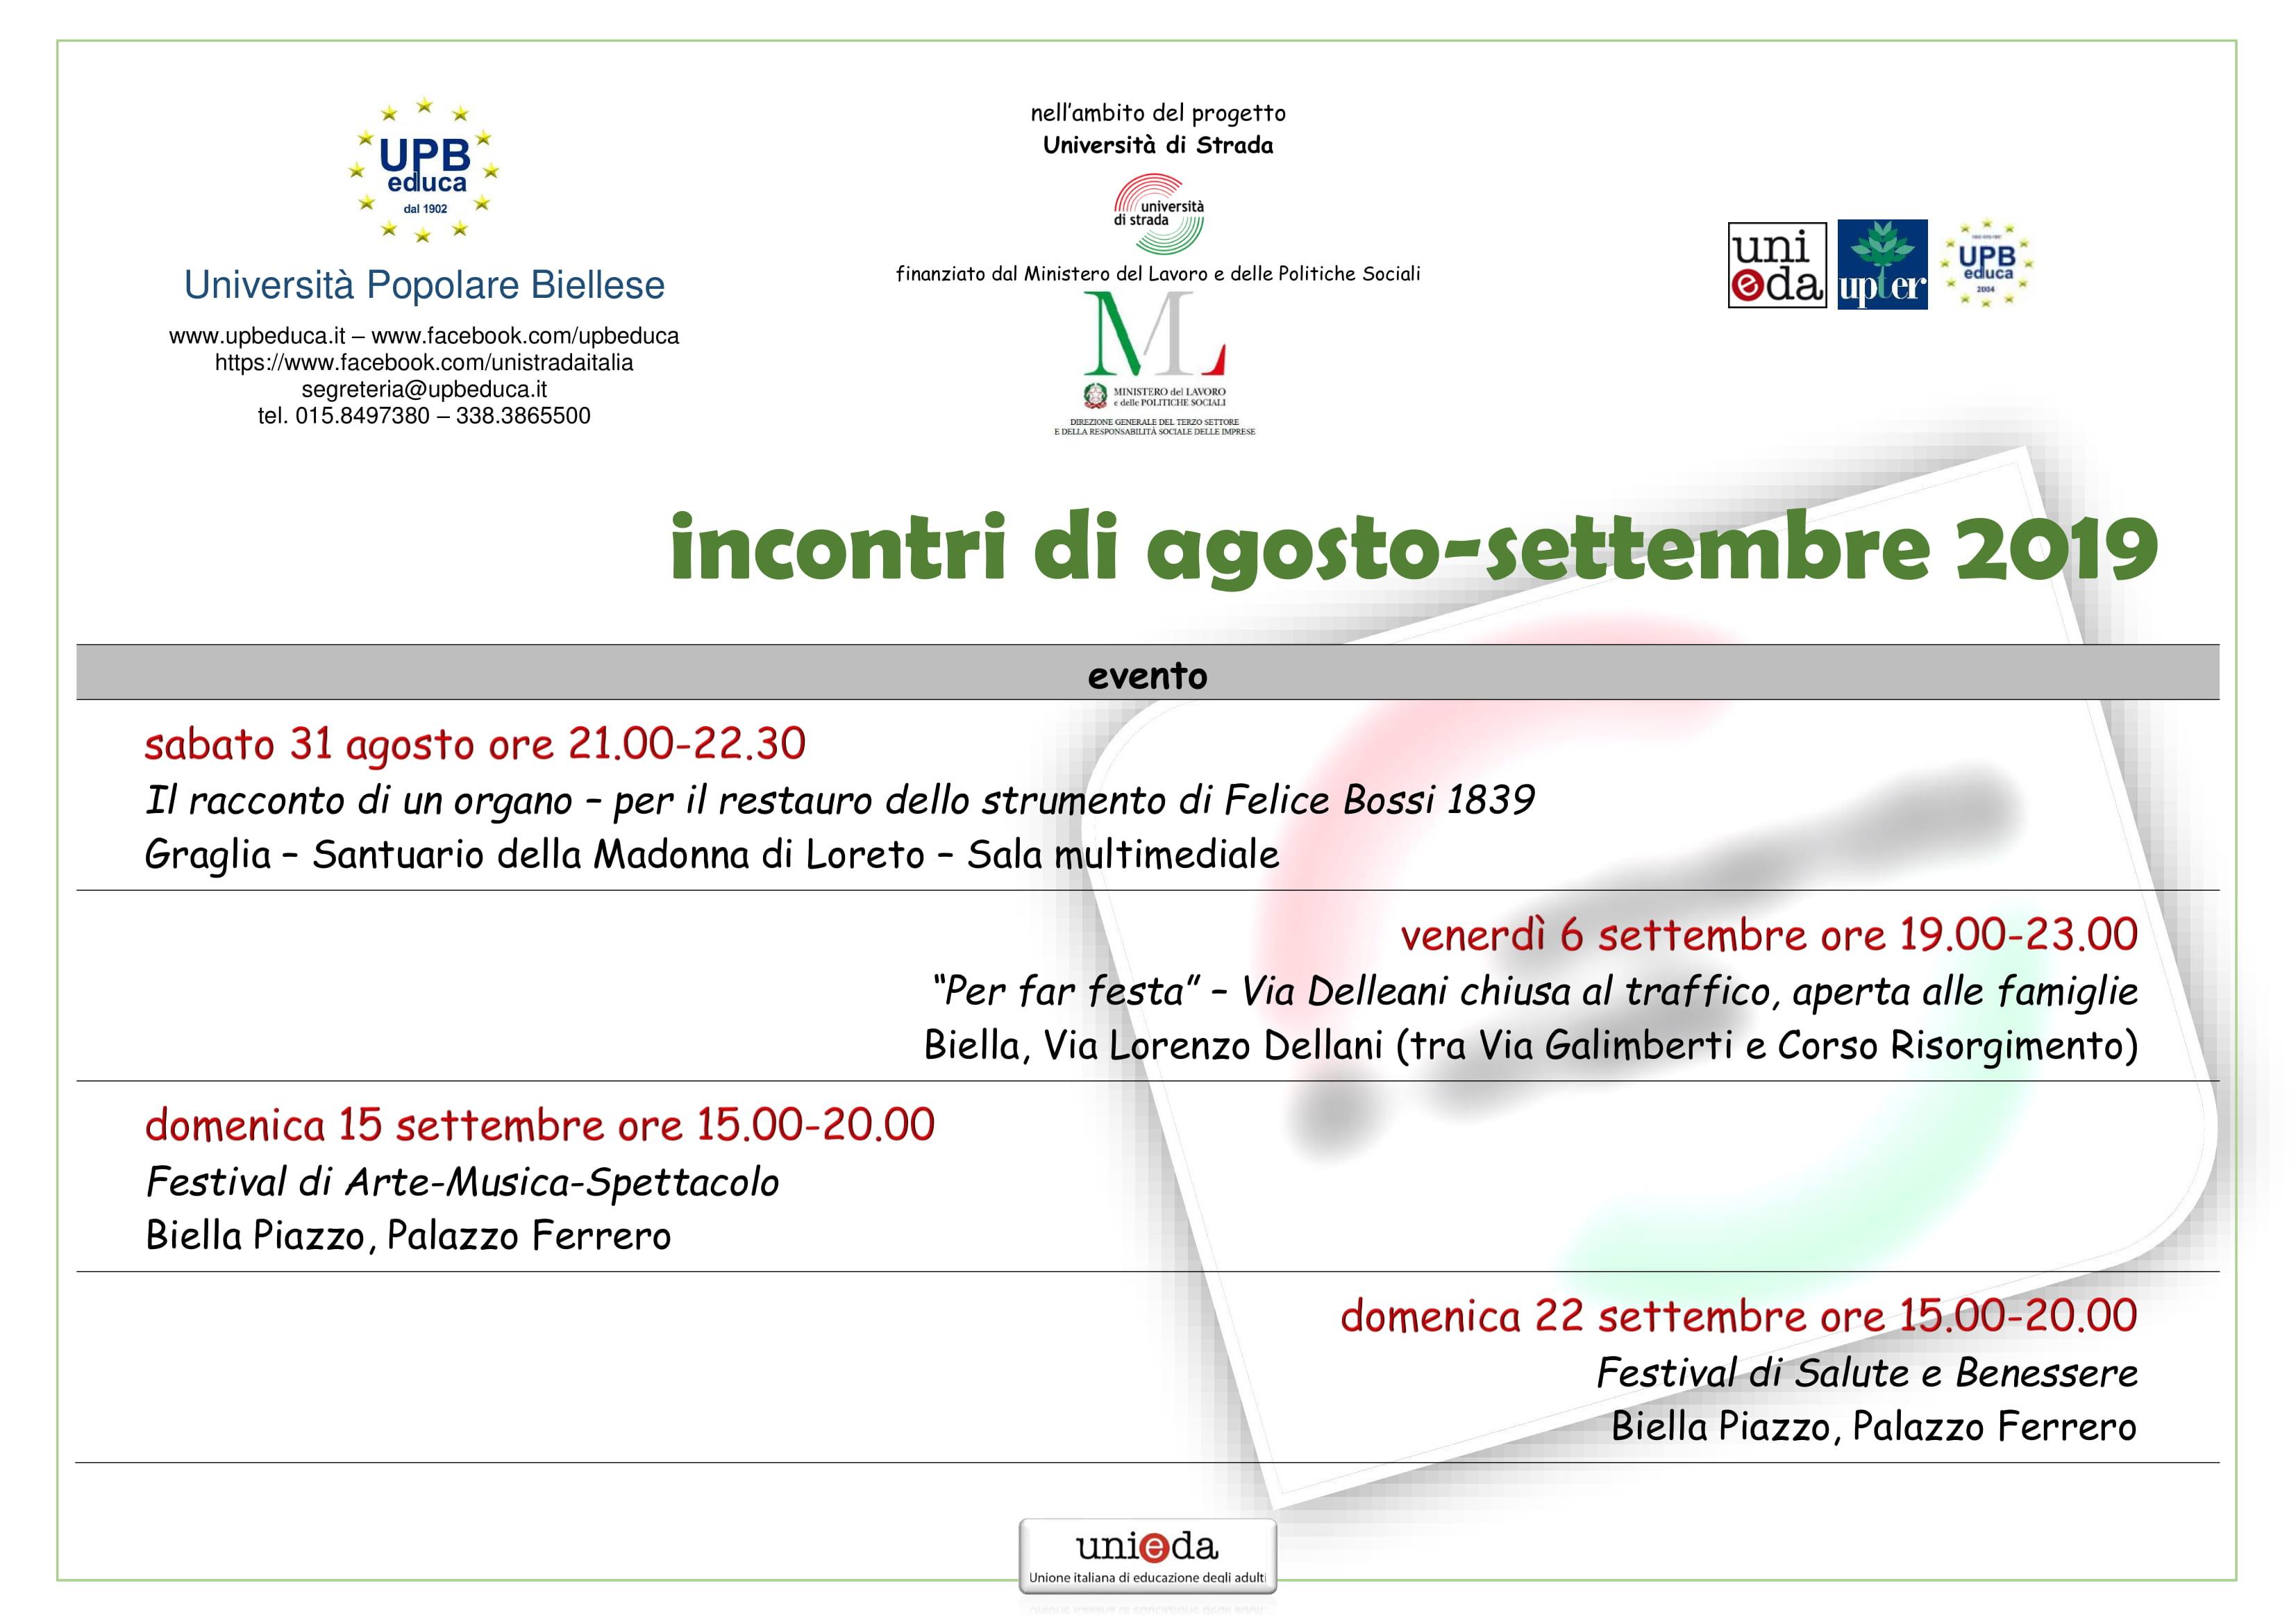 Calendario Scolastico Piemonte 201920 Excel.Upbeduca Universita Popolare Biellese Home Page